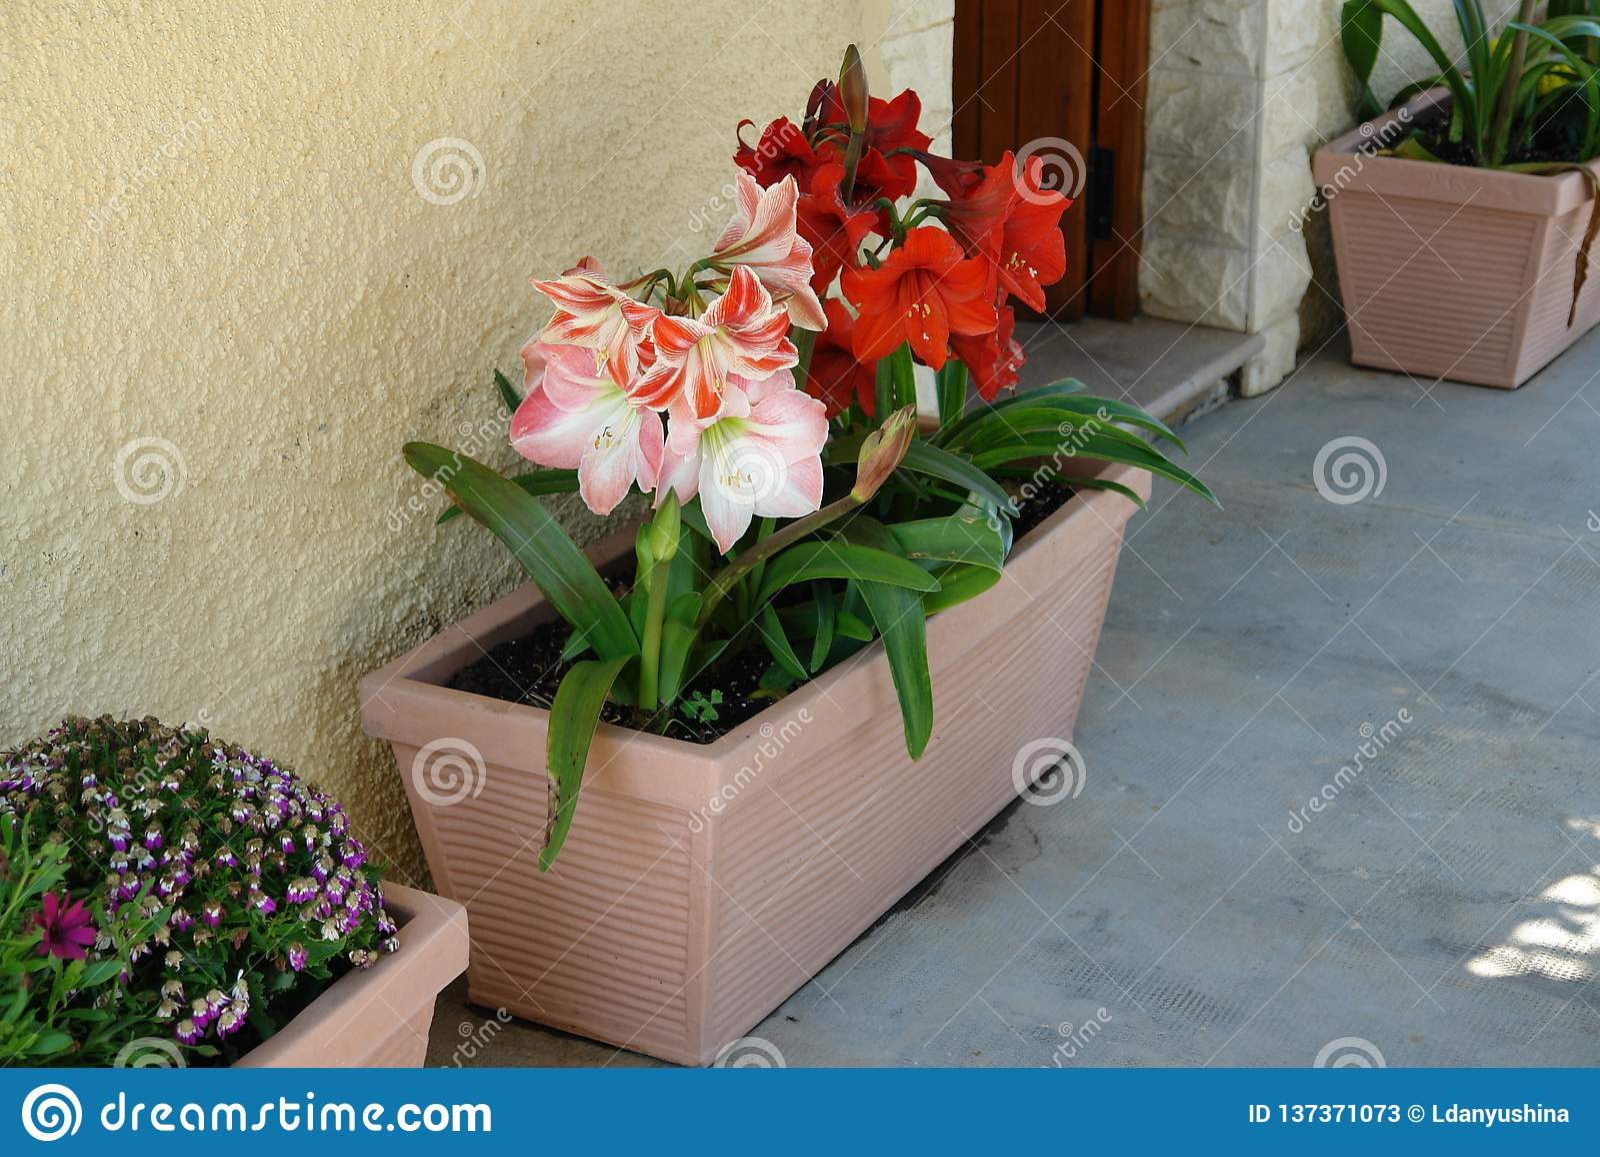 Dreamstime.com & Beautiful Flowers In Flower Pots. Summer Flowers Outside Stock ...